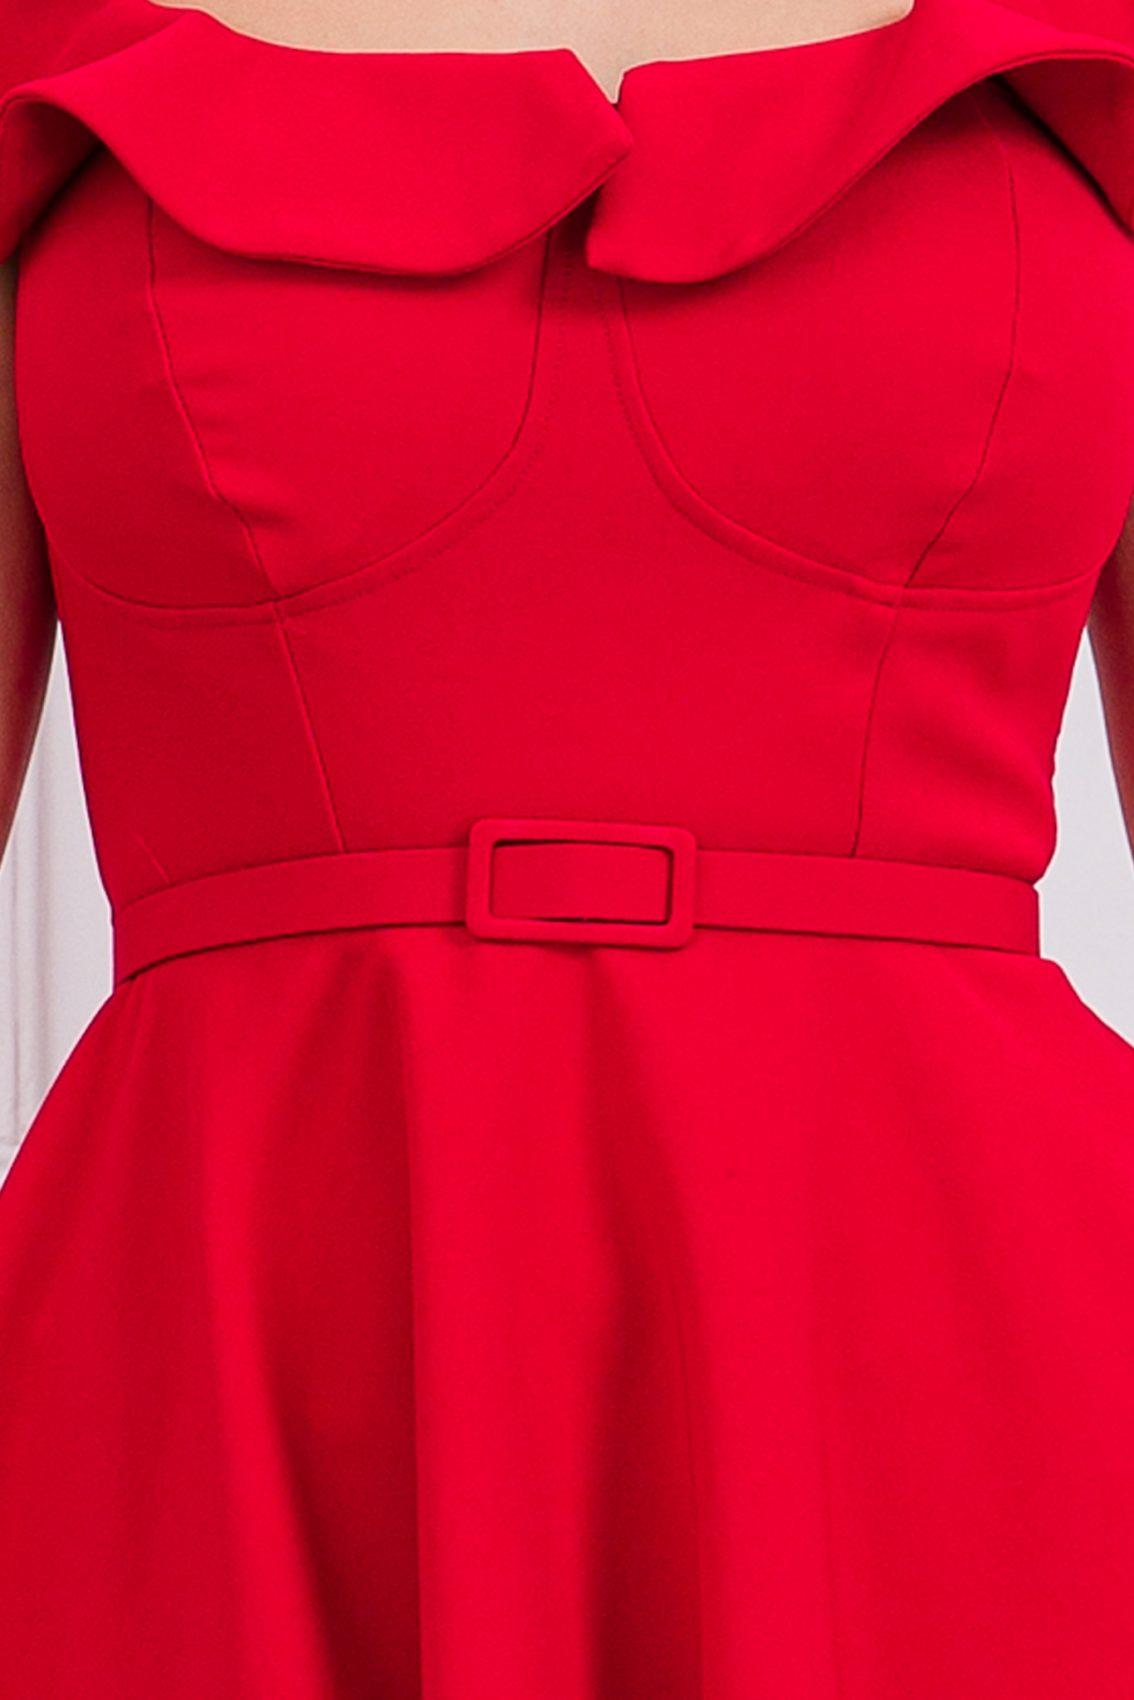 Κόκκινο Κλος Φόρεμα Με Βολάν Girlish 9678 4